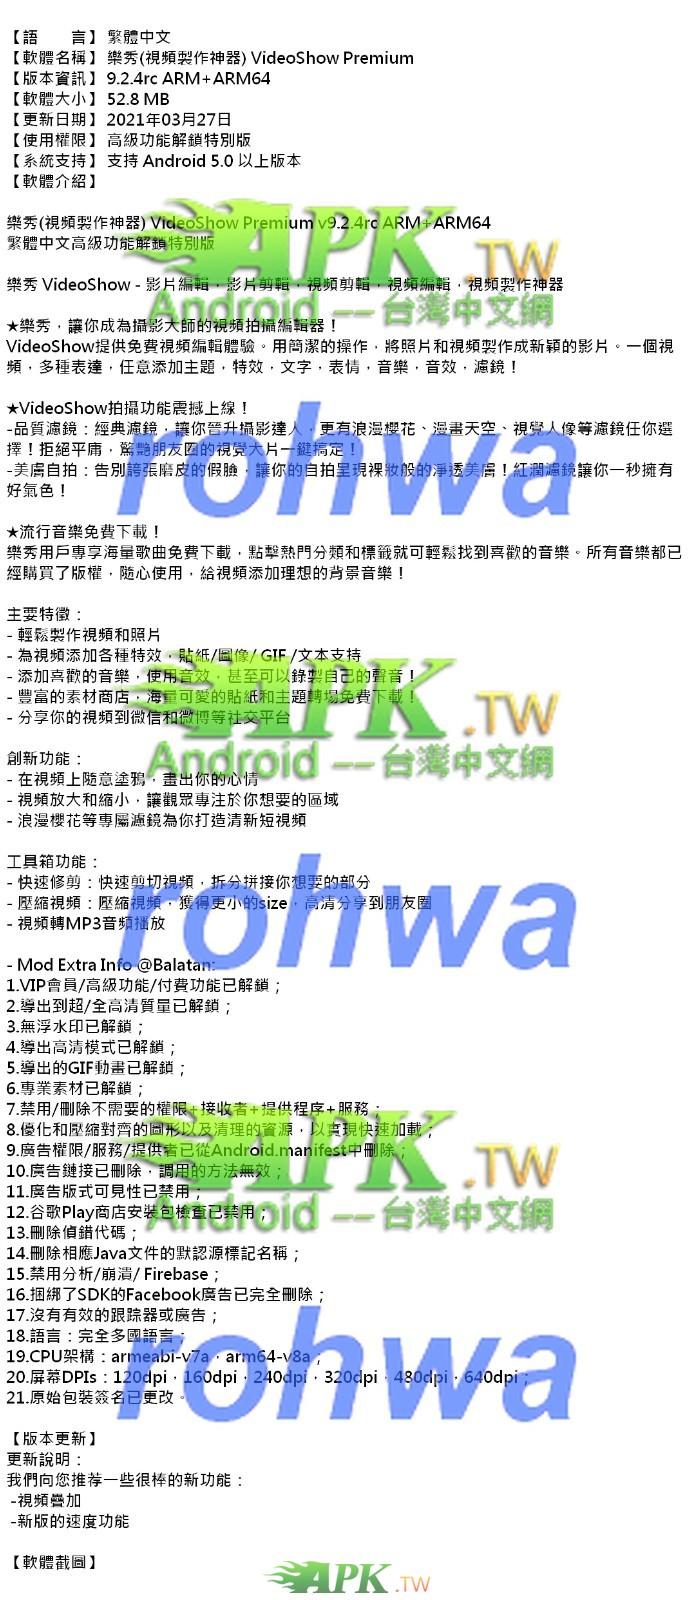 VideoShow_Premium_9.2.4rc_.jpg